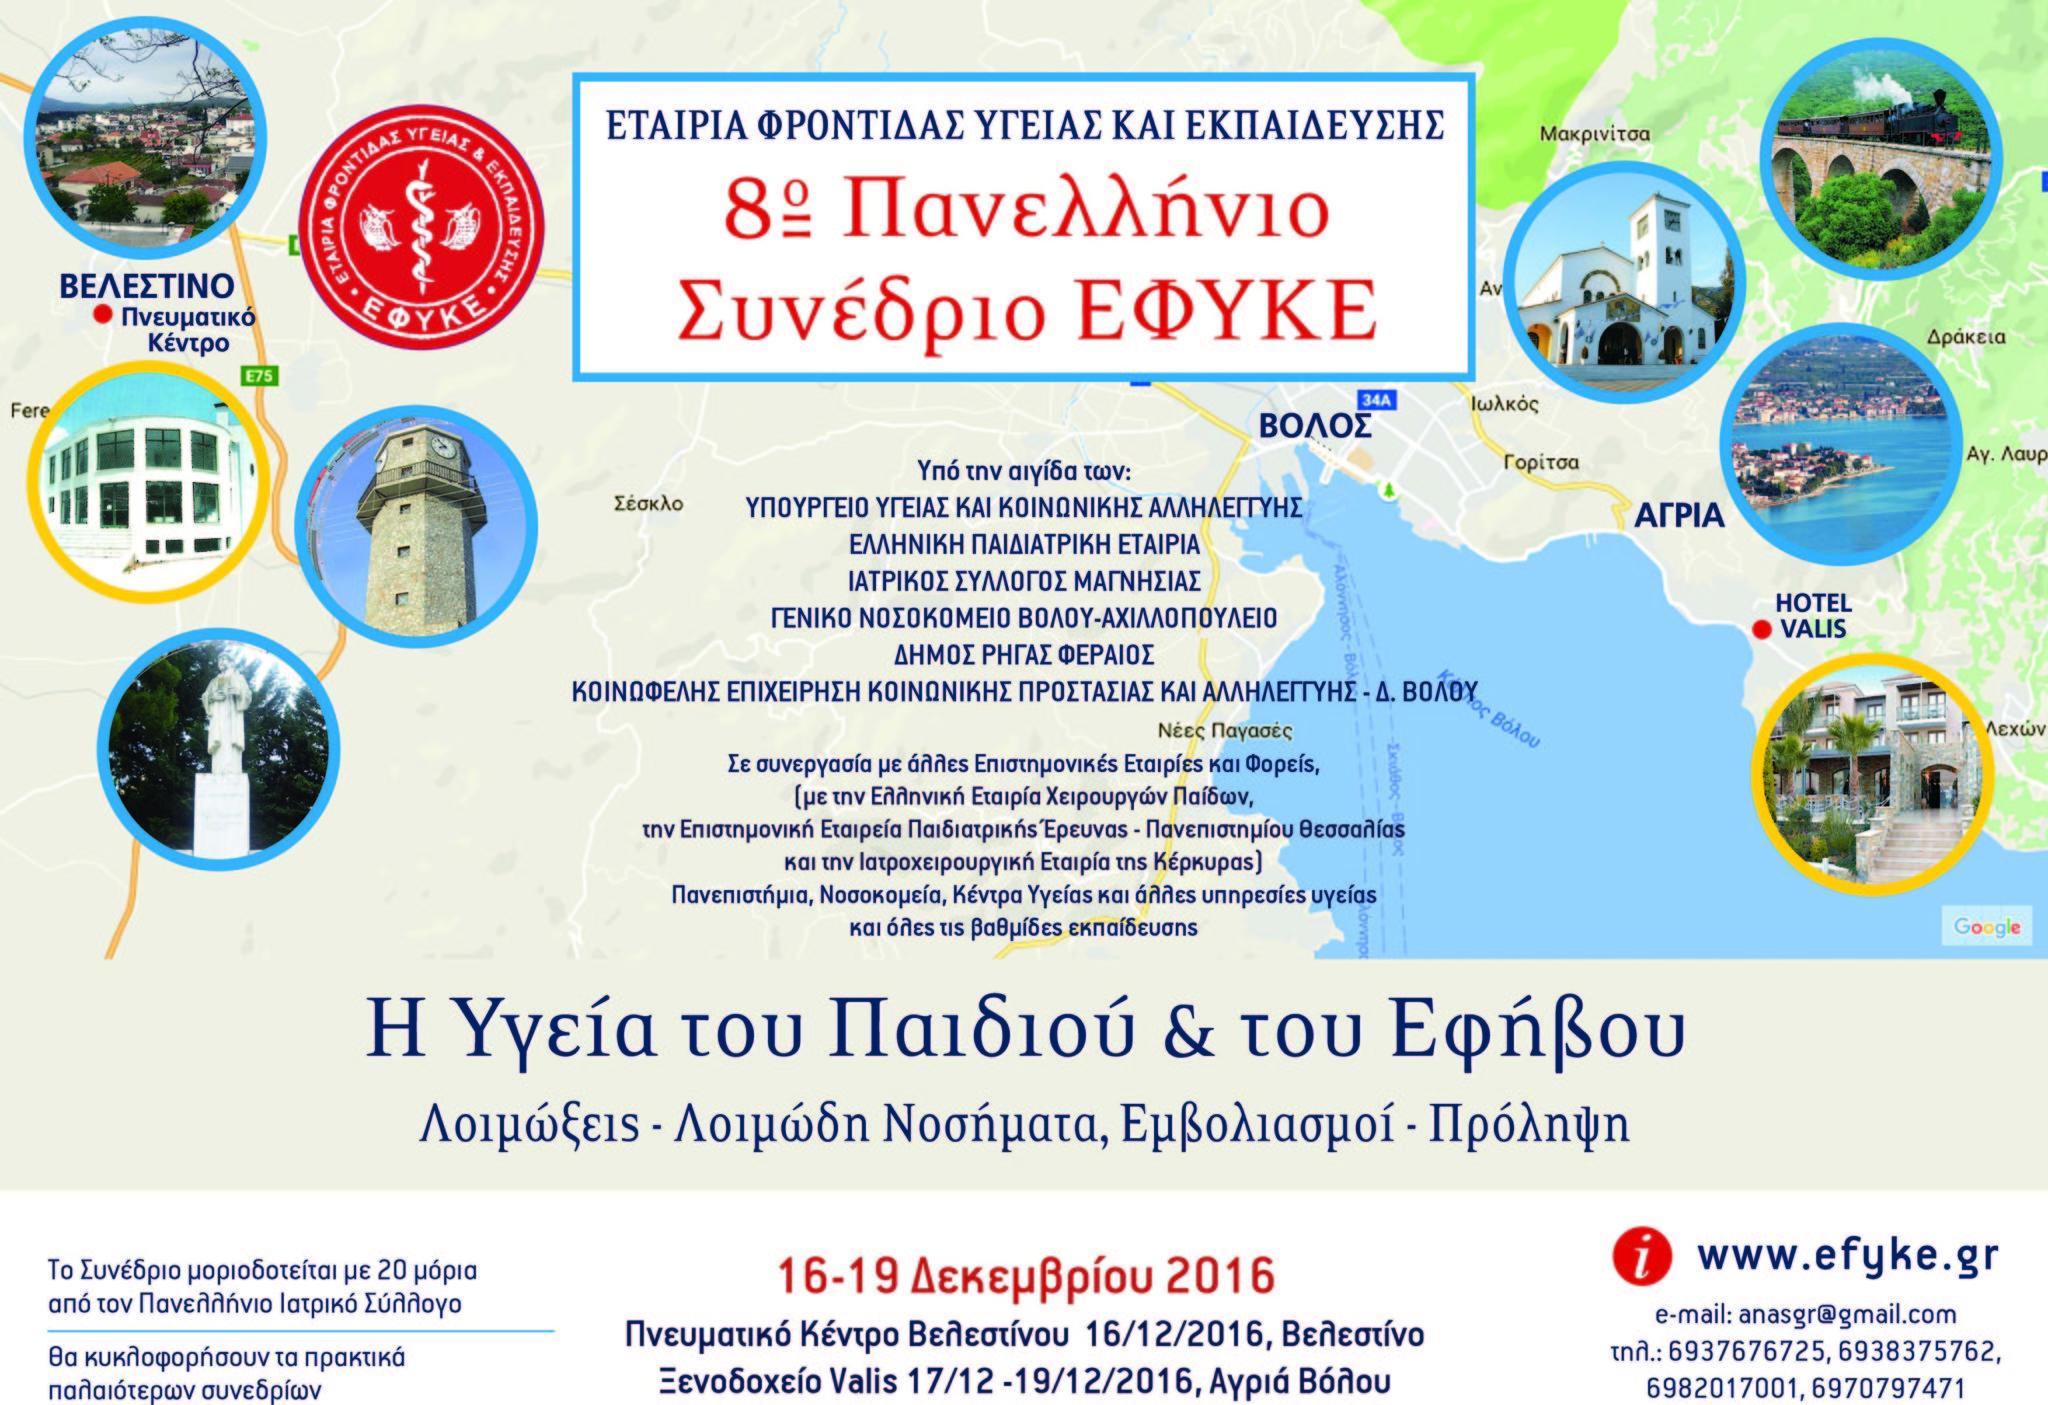 8ο Πανελλήνιο Συνέδριο ΕΦΥΚΕ